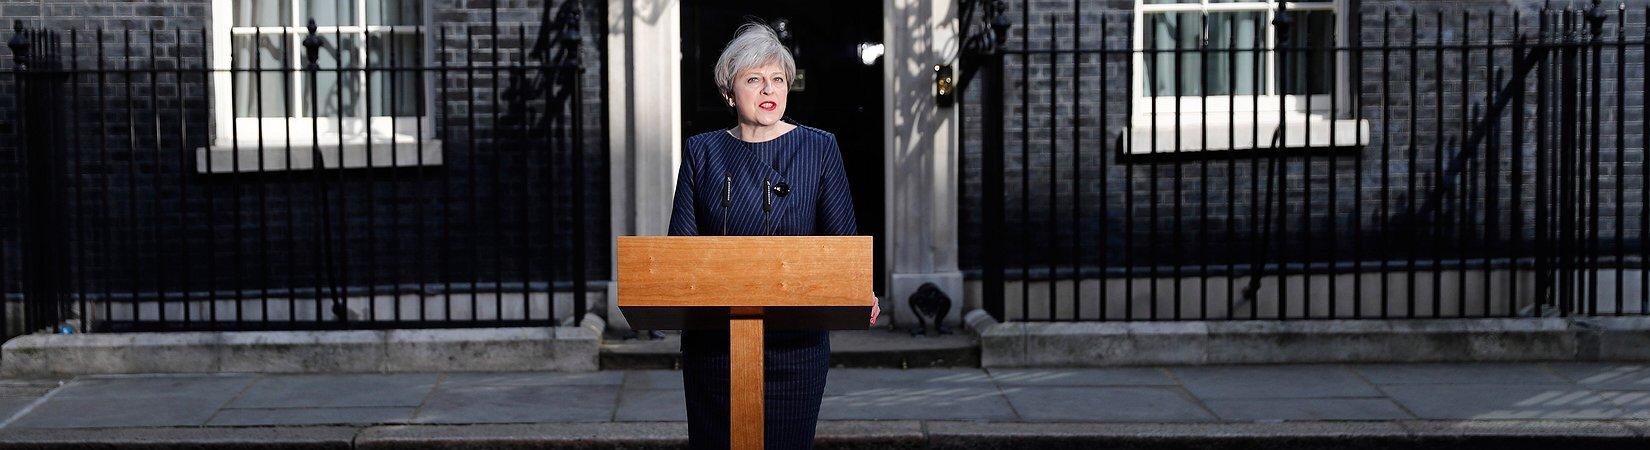 Премьер-министр Великобритании объявила дату досрочных парламентских выборов